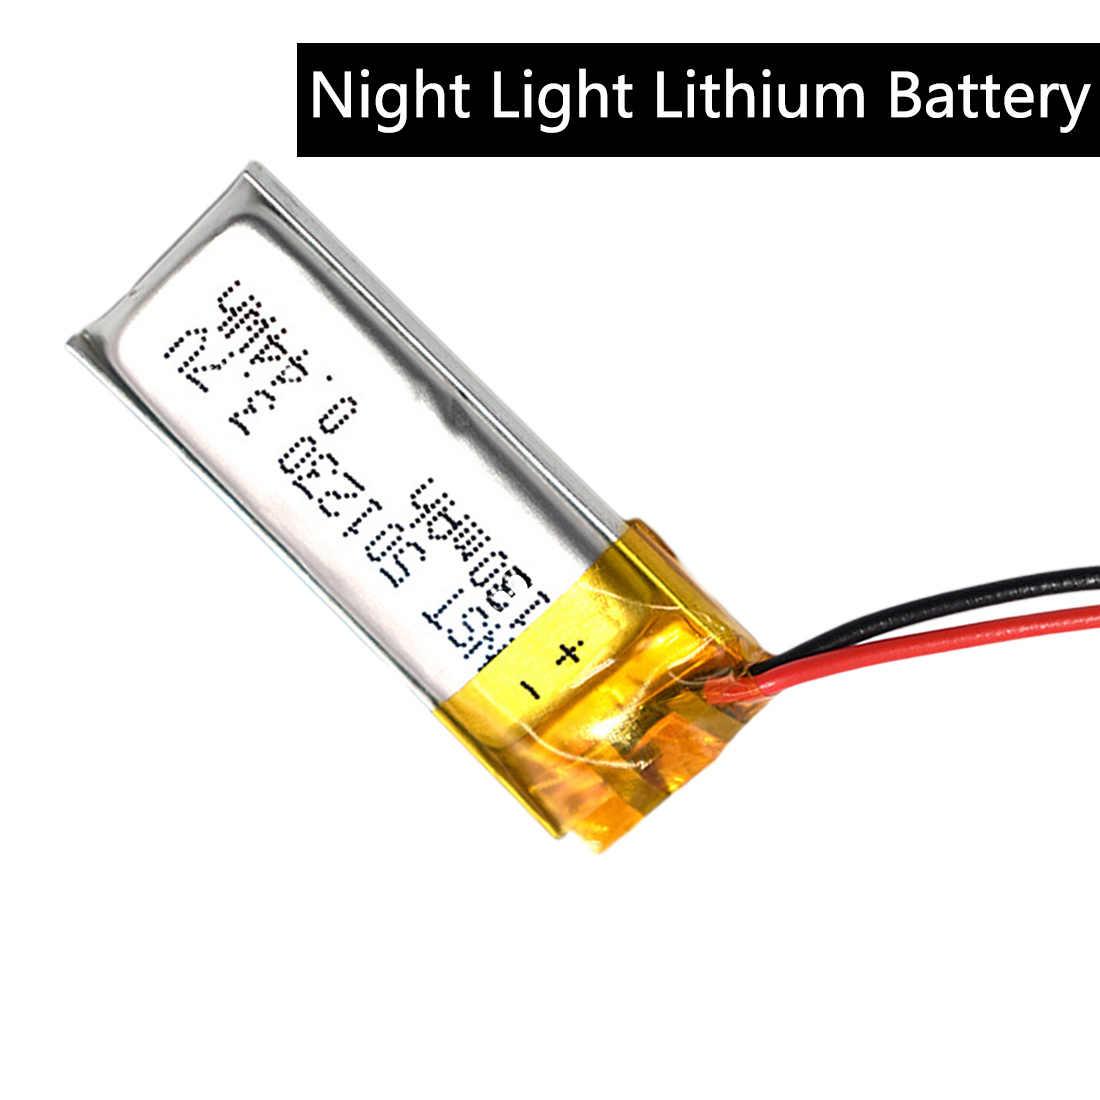 3.7V 130mAh 501230 lityum polimer LiPo li İyon şarj edilebilir pil Lipo hücreleri cep telefonu için Bluetooth kulaklık hoparlör MP3 MP4 yeni